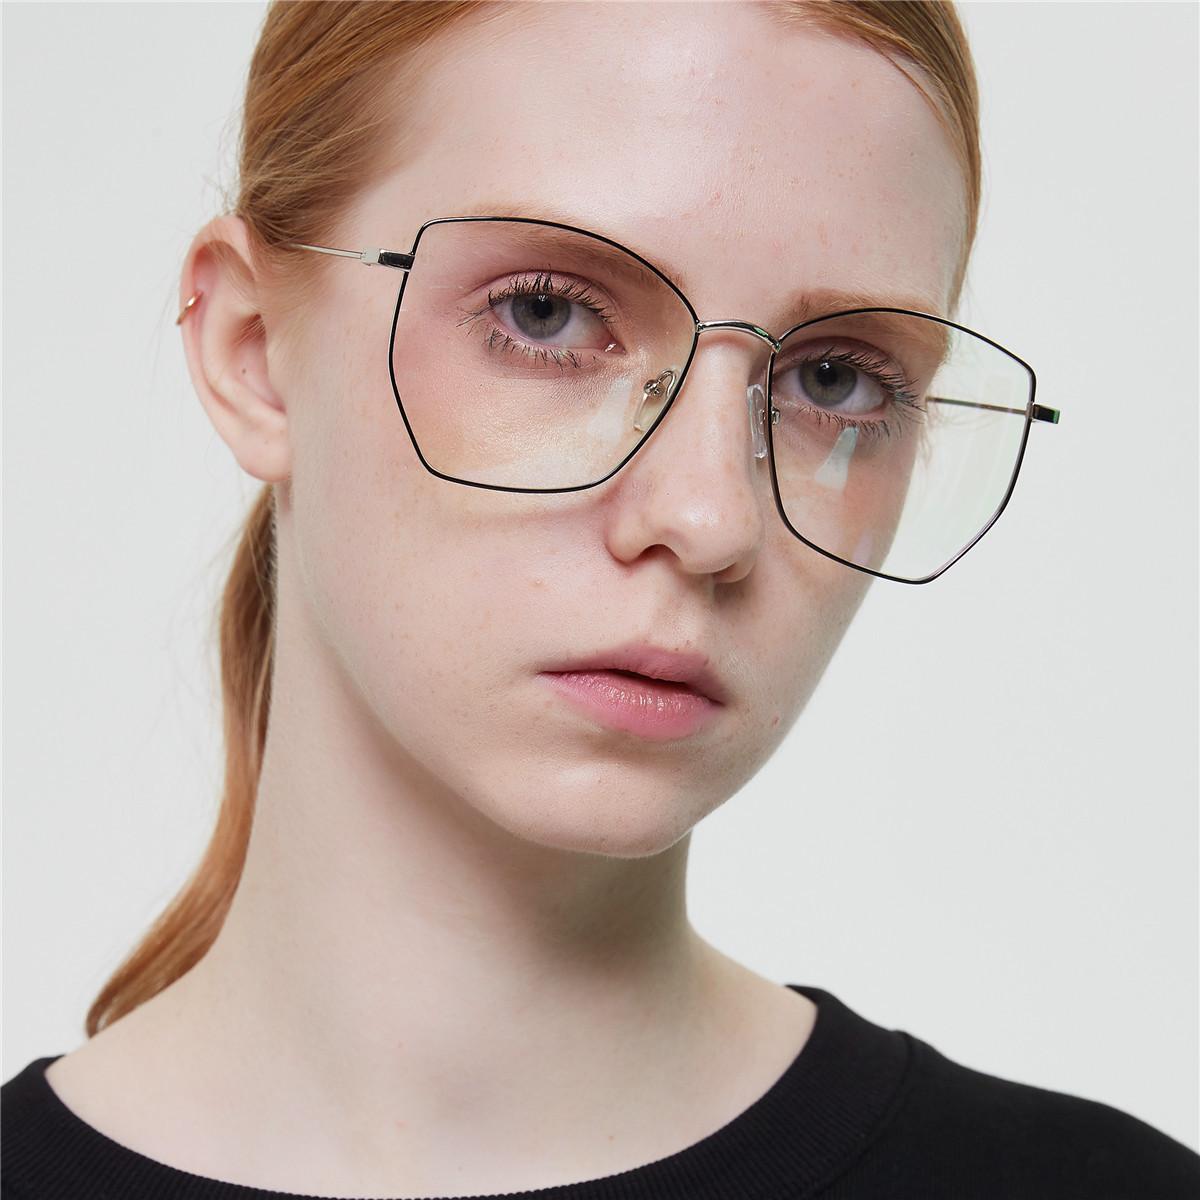 S1974大框架金属平光镜女 复古多边形菱形可做近视架眼镜男 韩版